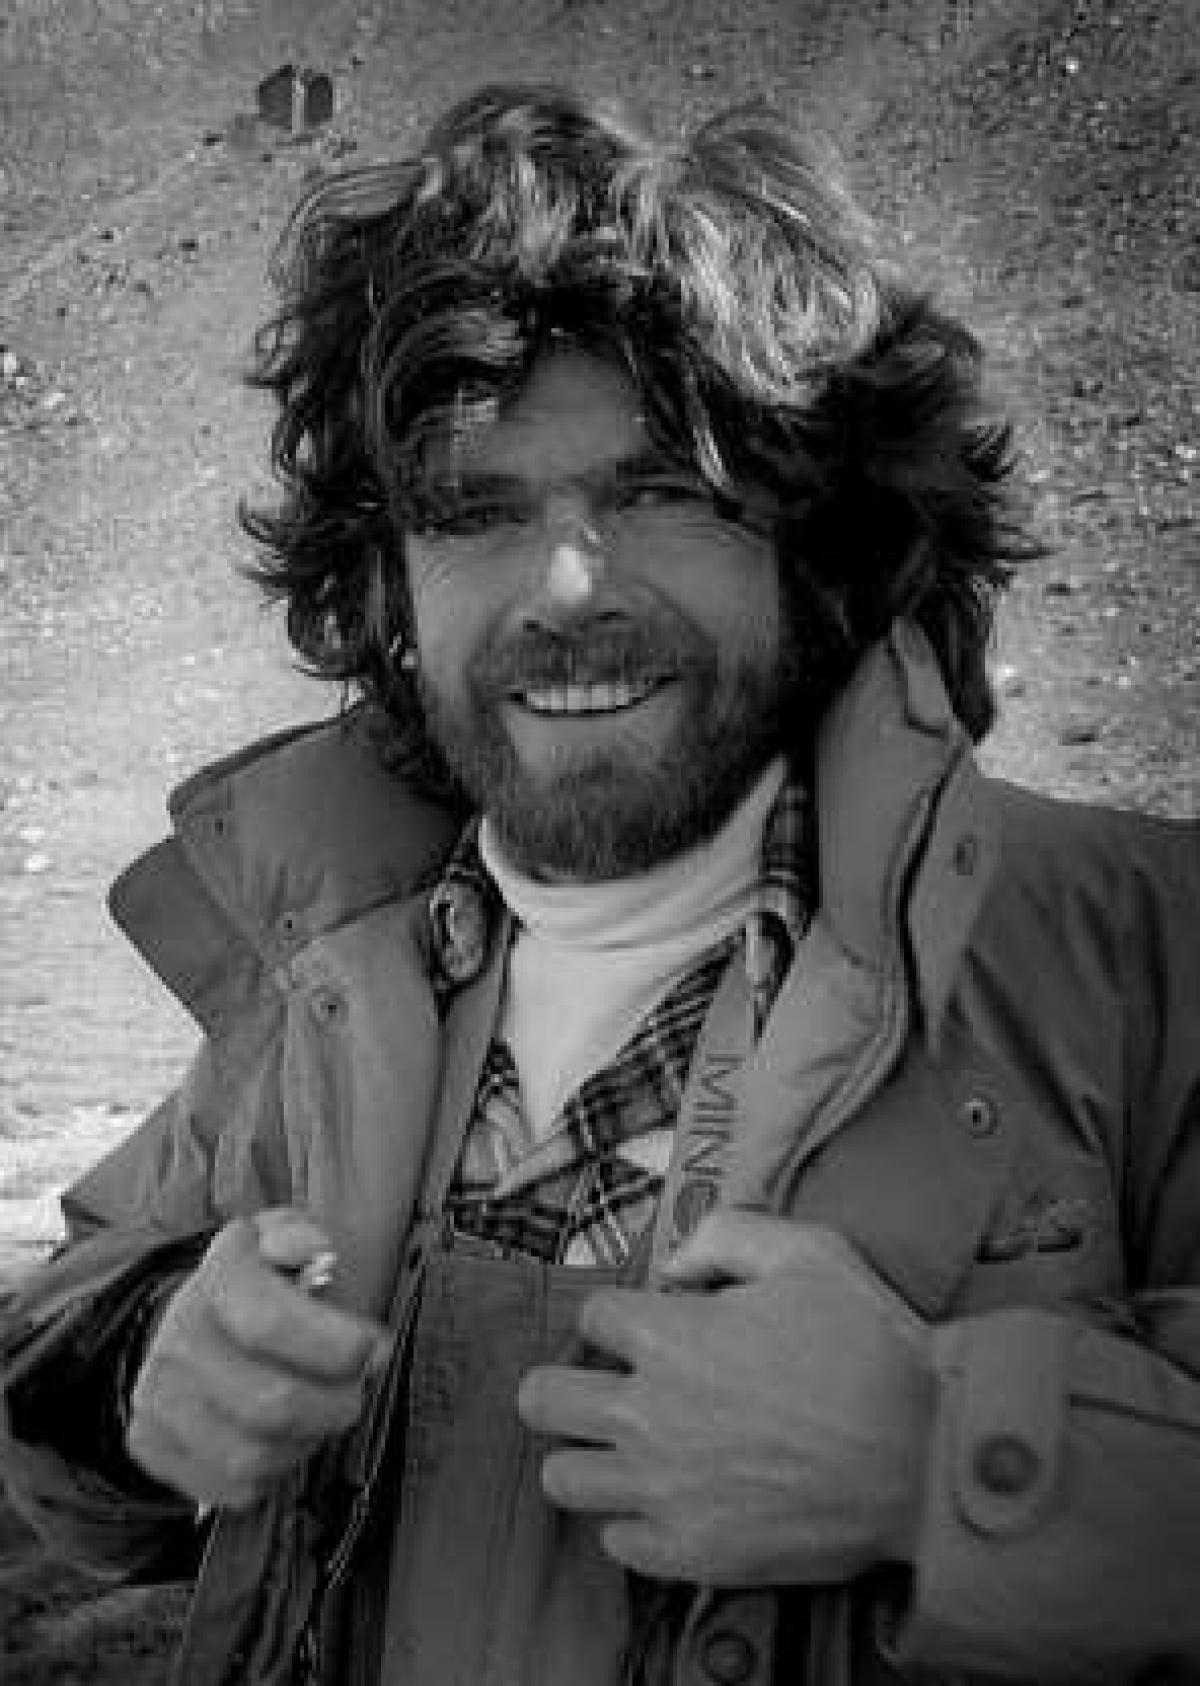 Nhà leo núi người Italy Reinhold Messner là người đàn ông đầu tiên leo lên đỉnh Everest mà không cần bổ sung oxy, một kỳ tích tưởng như không thể xảy ra vào năm 1978. Ông đã leo lên đỉnh cùng một người Áo tên là Peter Habeler.